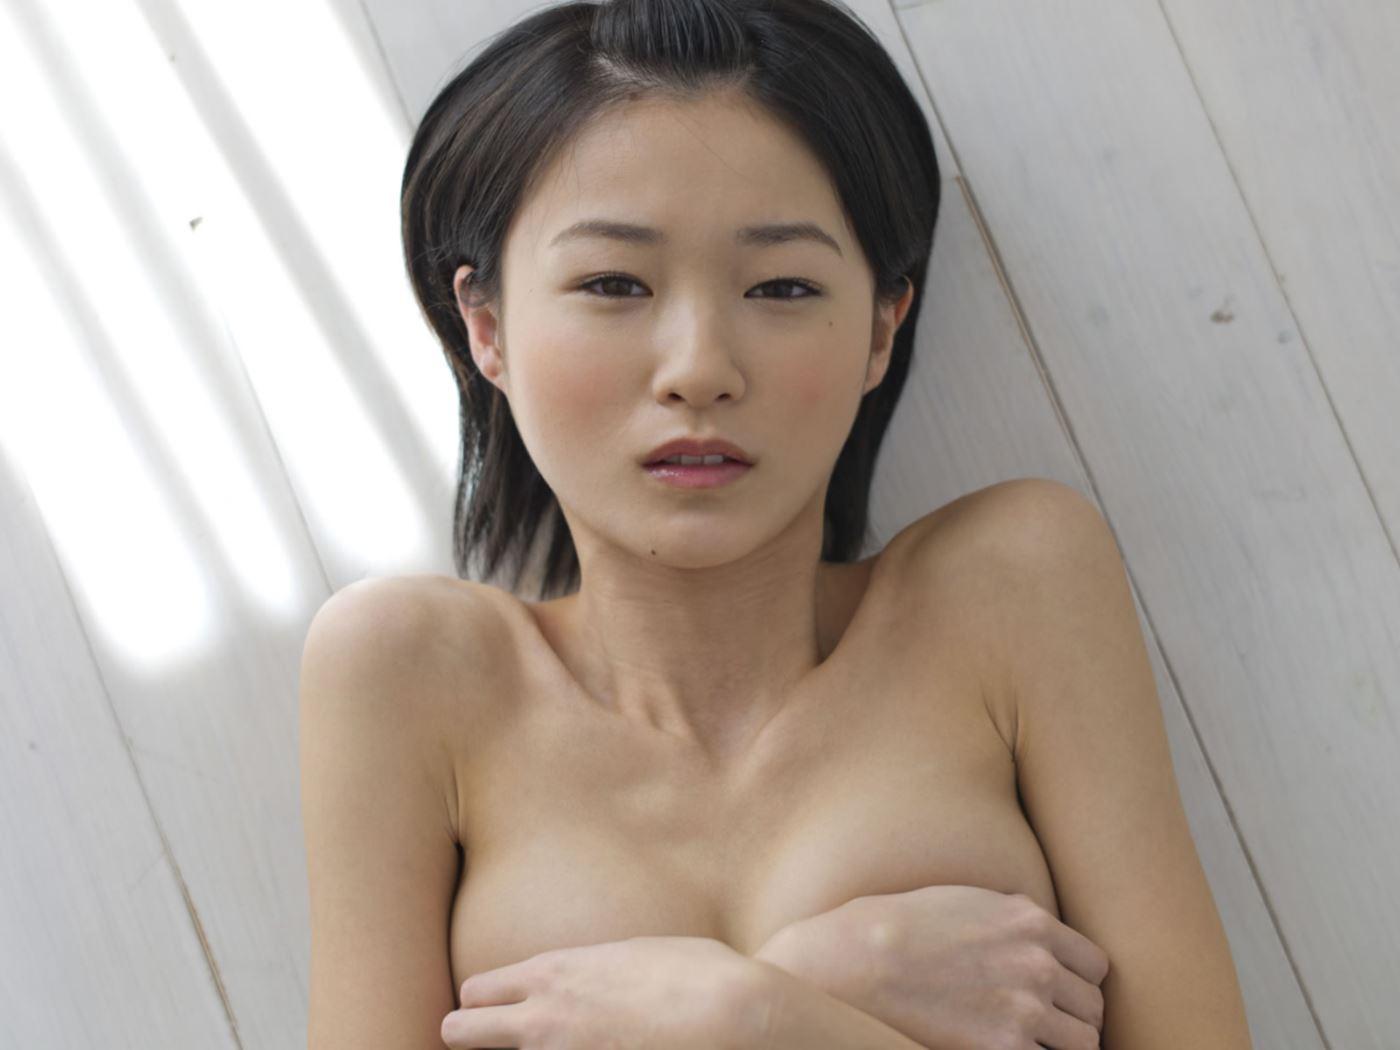 しほの涼 エロ画像 40